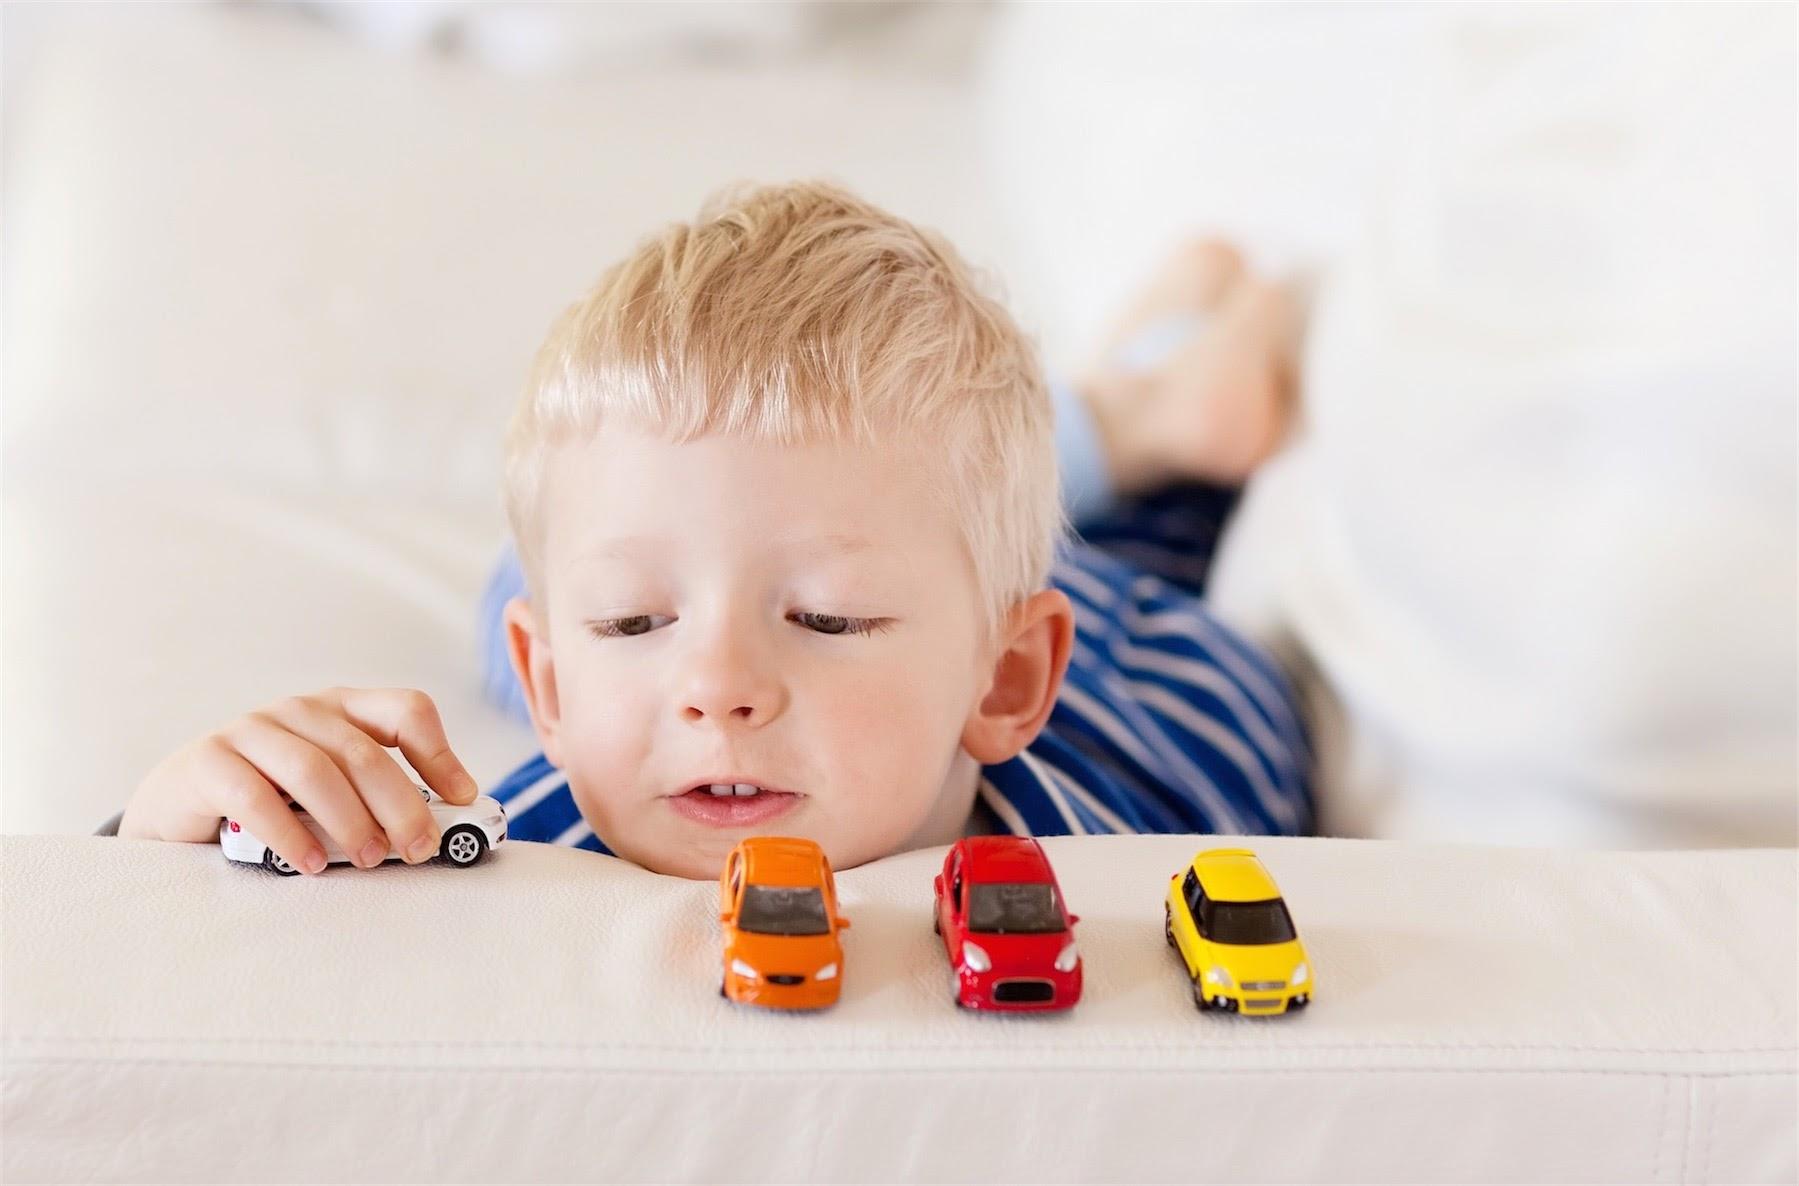 Як правильно обирати іграшки дітям?